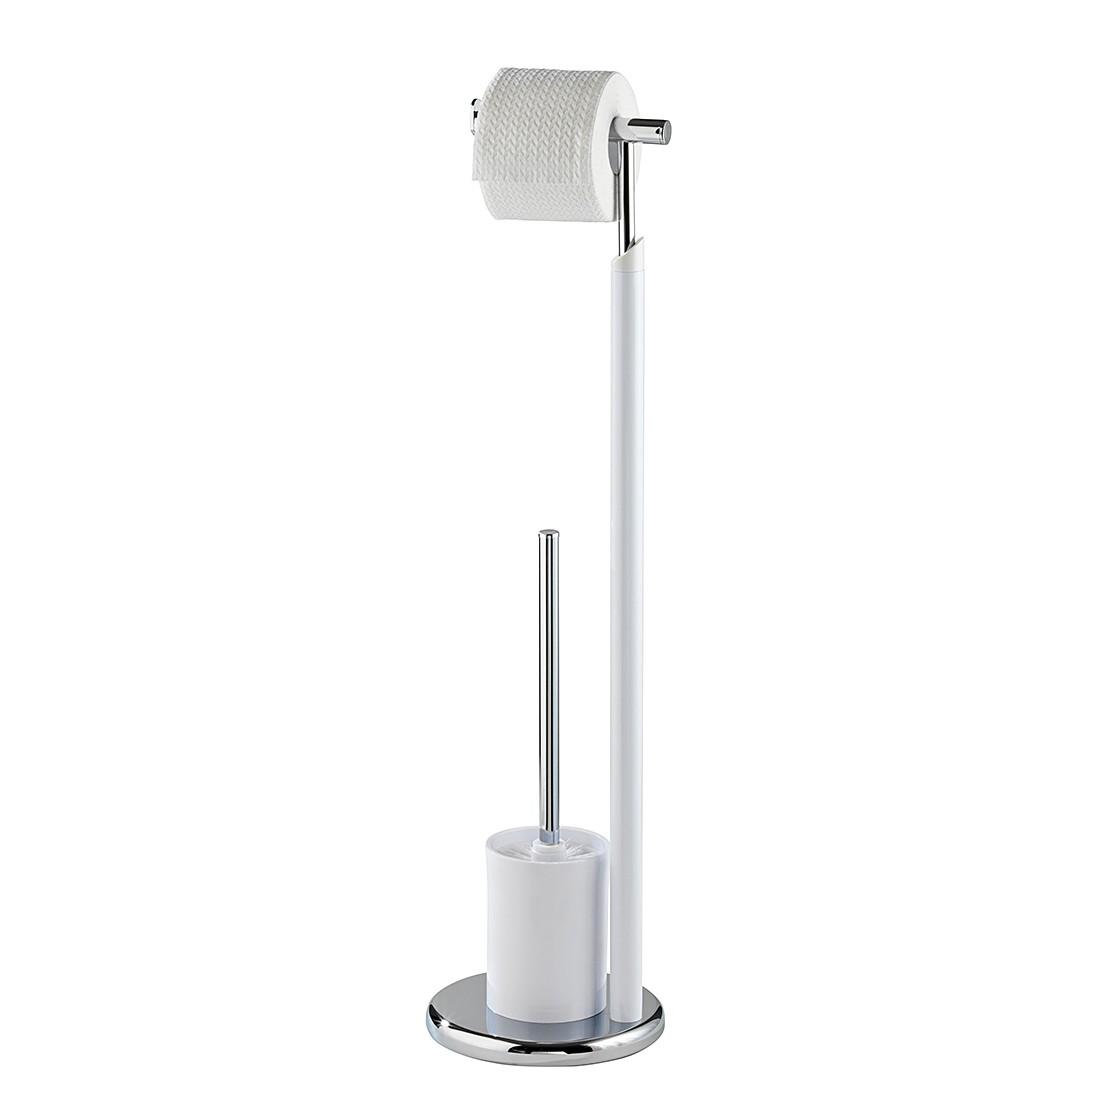 WC-Garnitur – Weiß, WENKO online bestellen